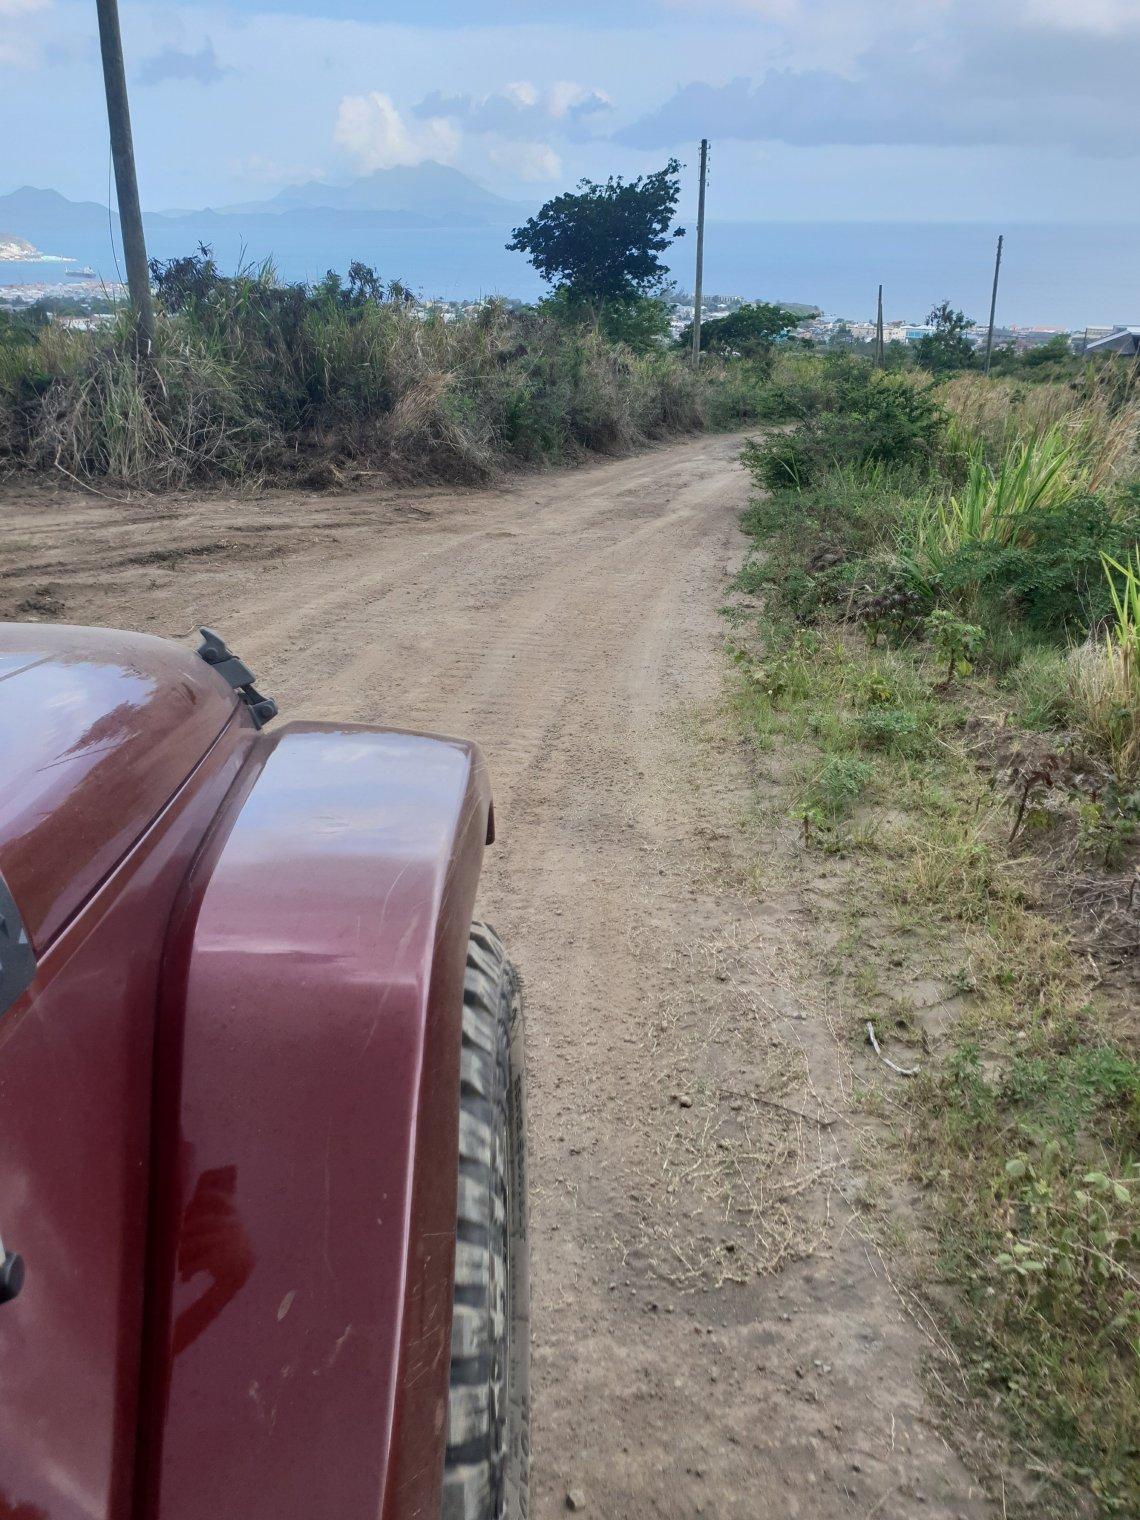 jeep safari st kitts, jeep rental st kitts,  what to do in st kitts, st kitts guide, st kitts itinerary,